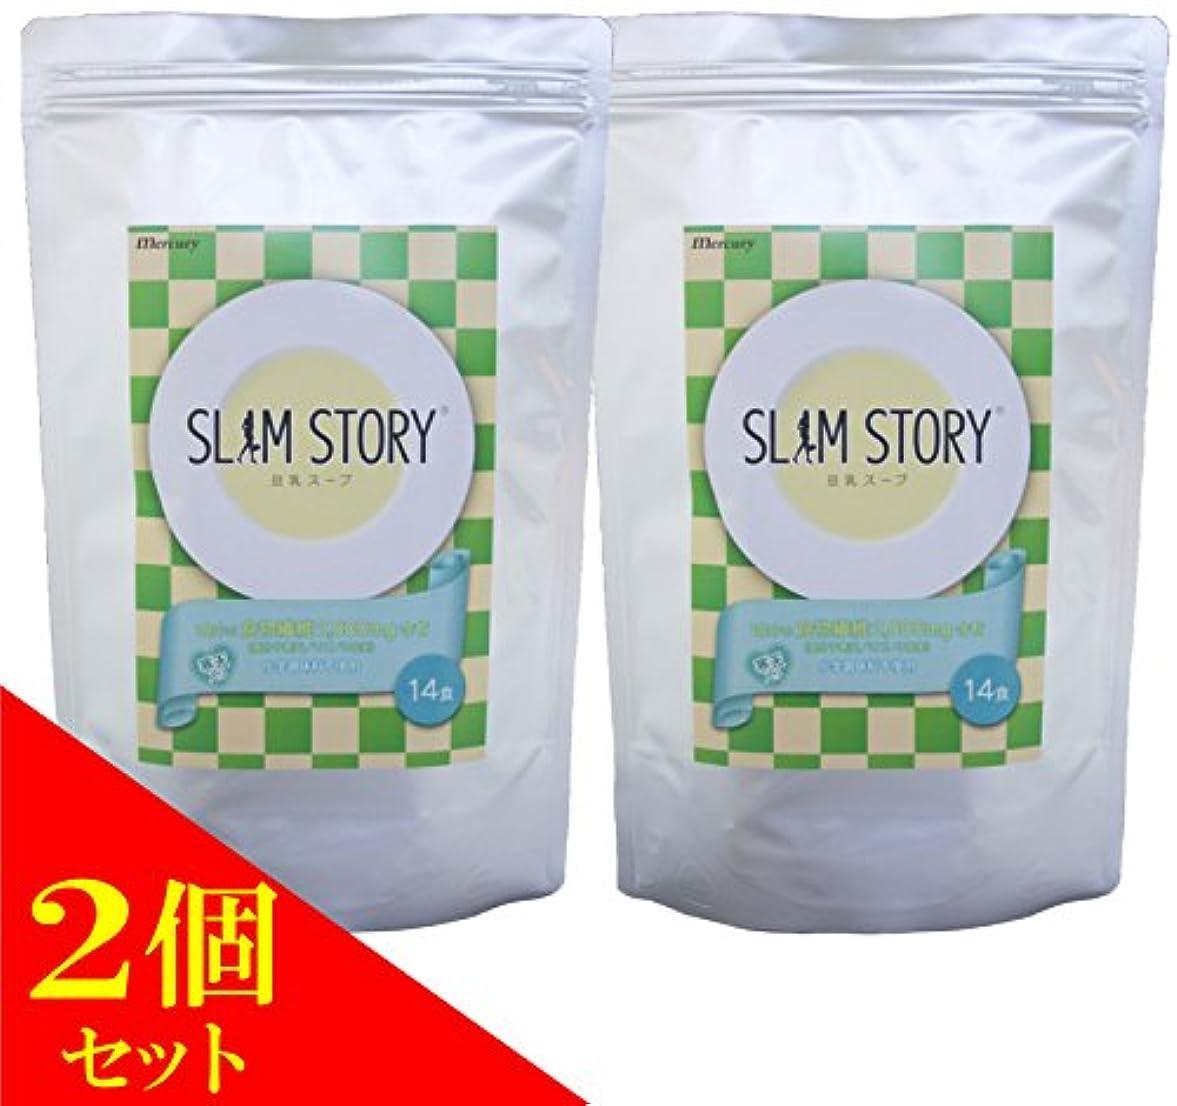 生産的アノイレンズ(2個)マーキュリー SLIM STORY 豆乳スープ 14食×2個セット/化学調味料 不使用(4947041155176)